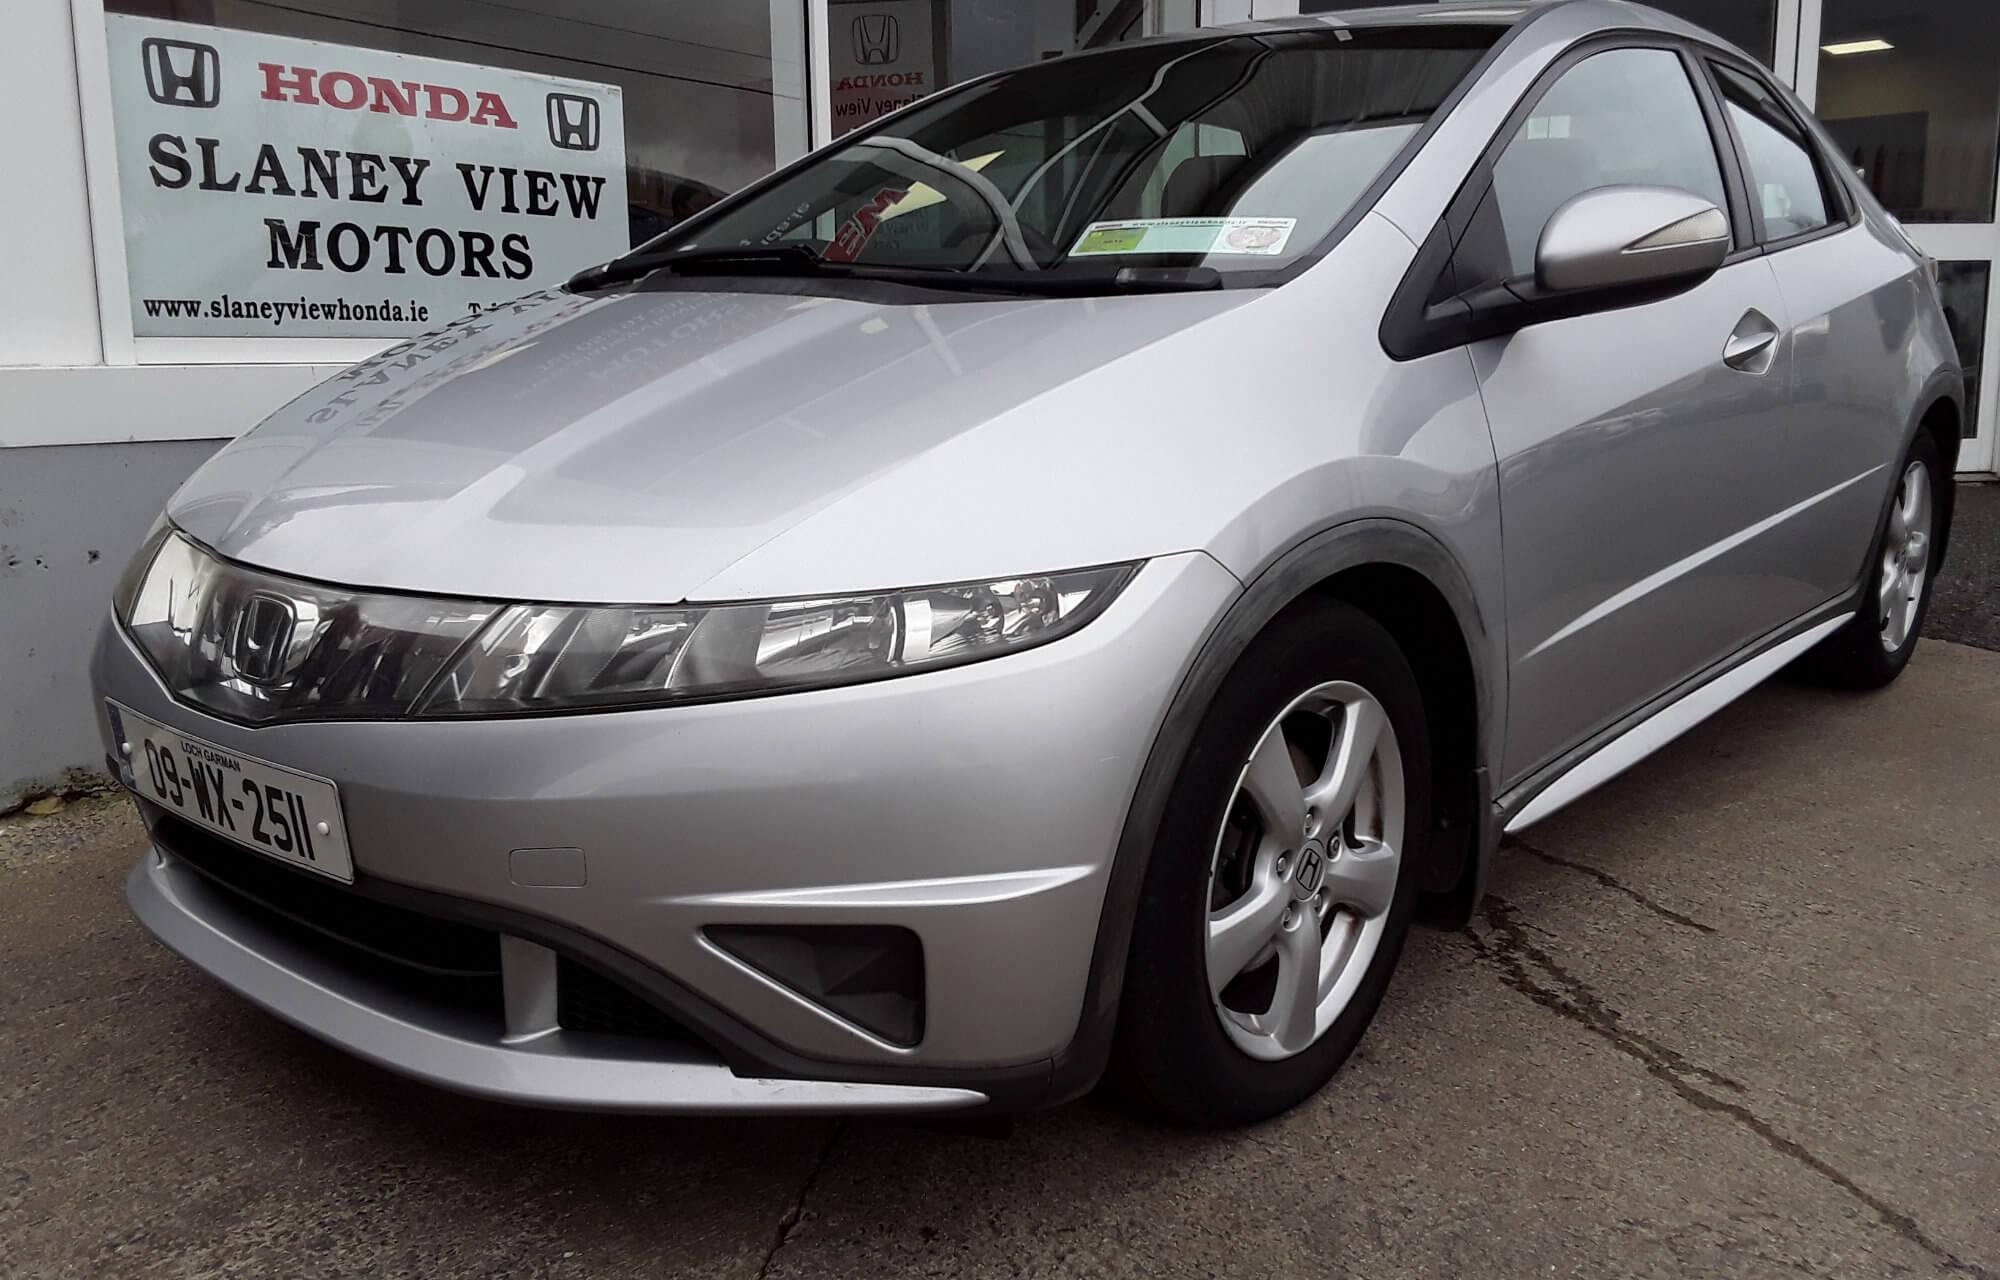 Pre-owned Honda Civic Bonanza only at Slaney View Motors